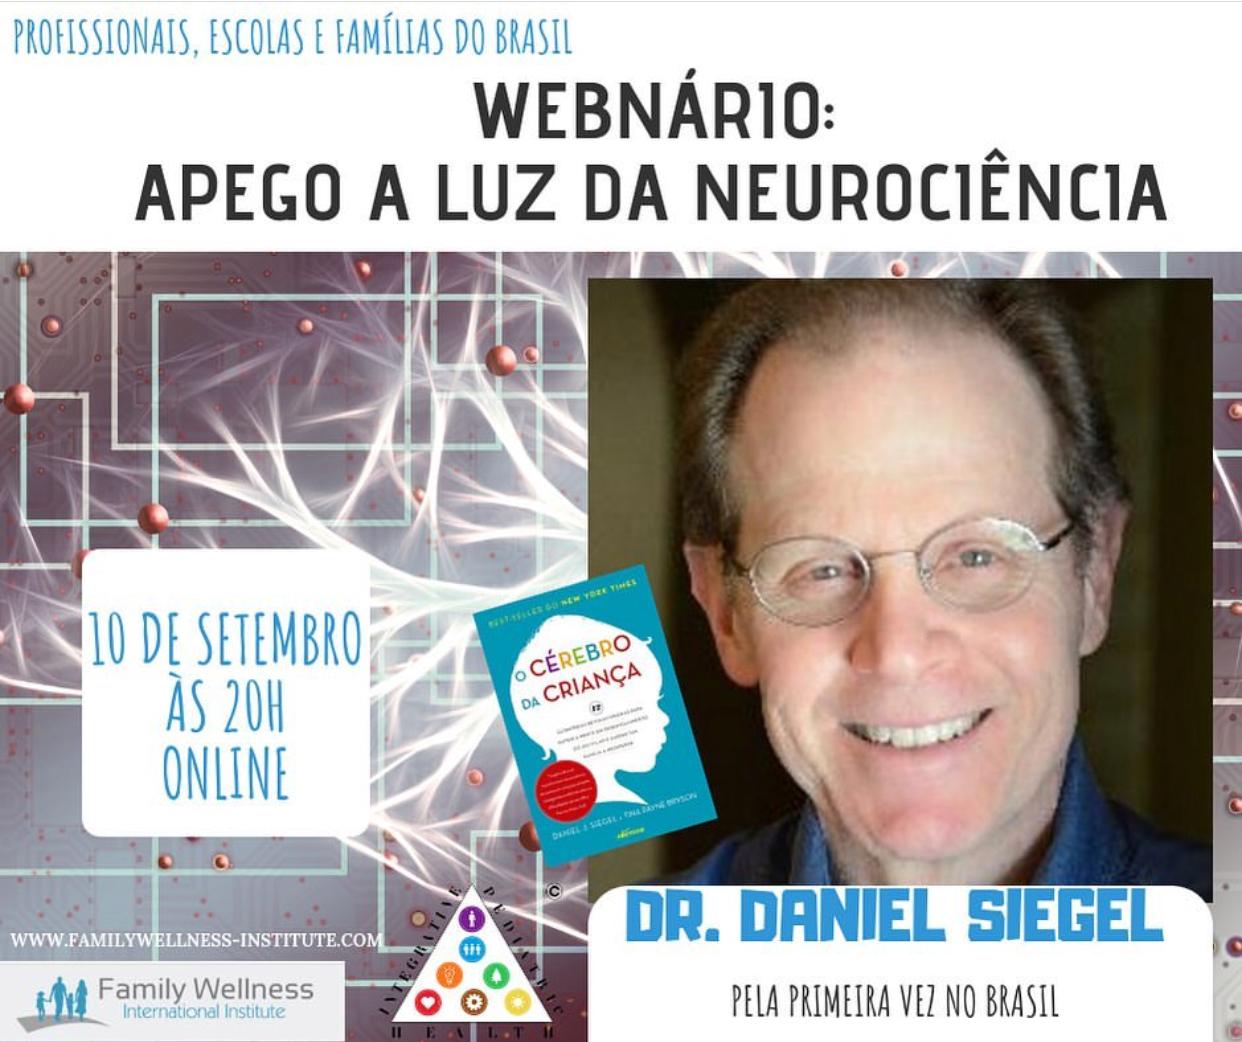 Daniel Webnario